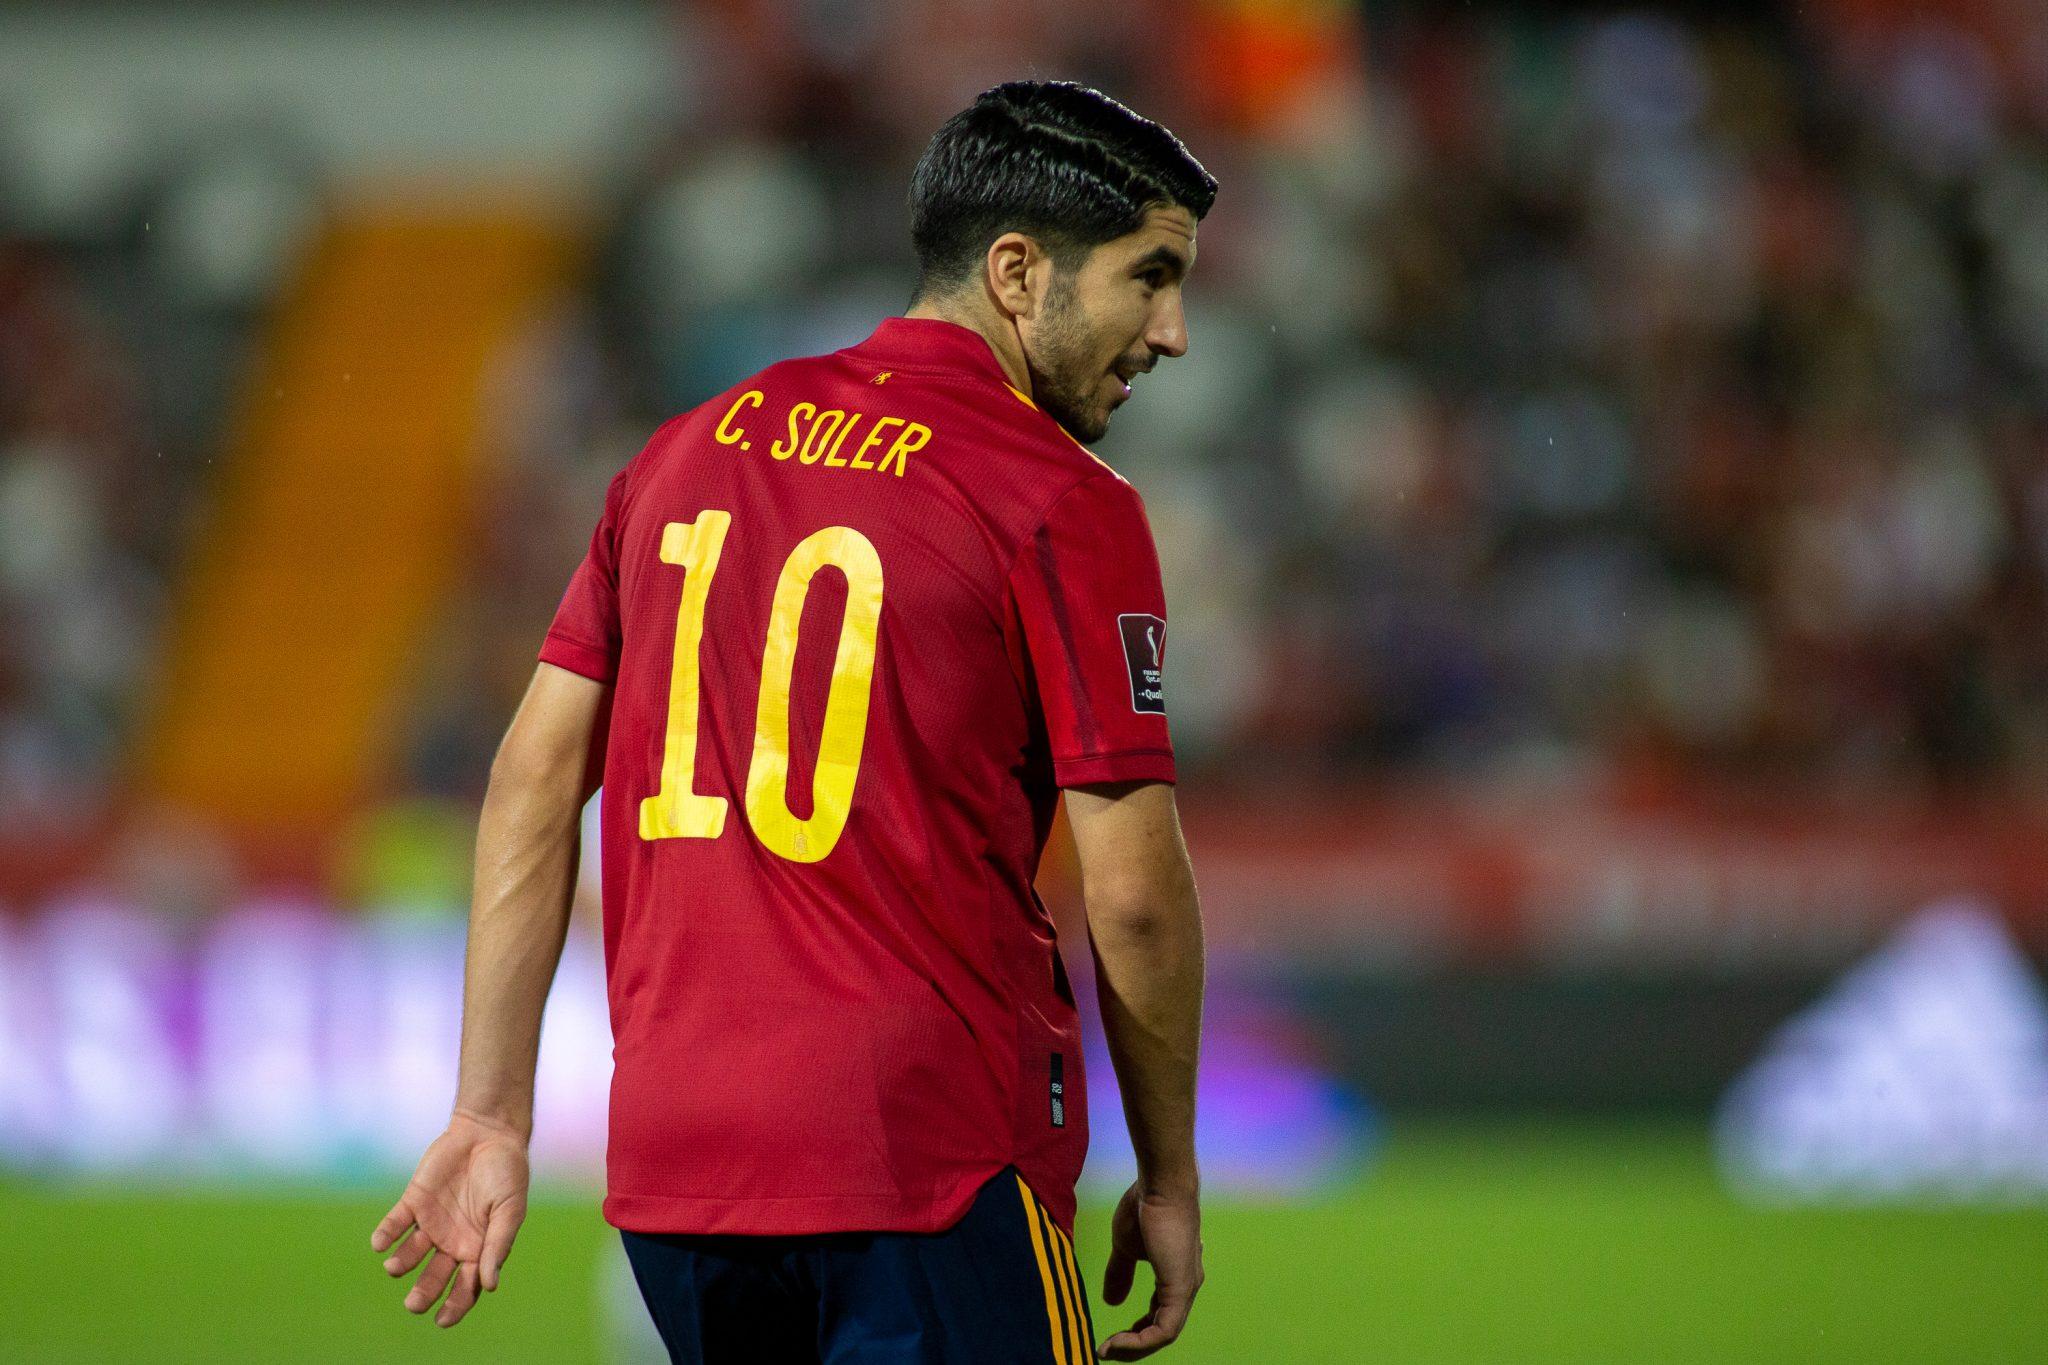 O ótimo começo de Carlos Soler na temporada do Valencia